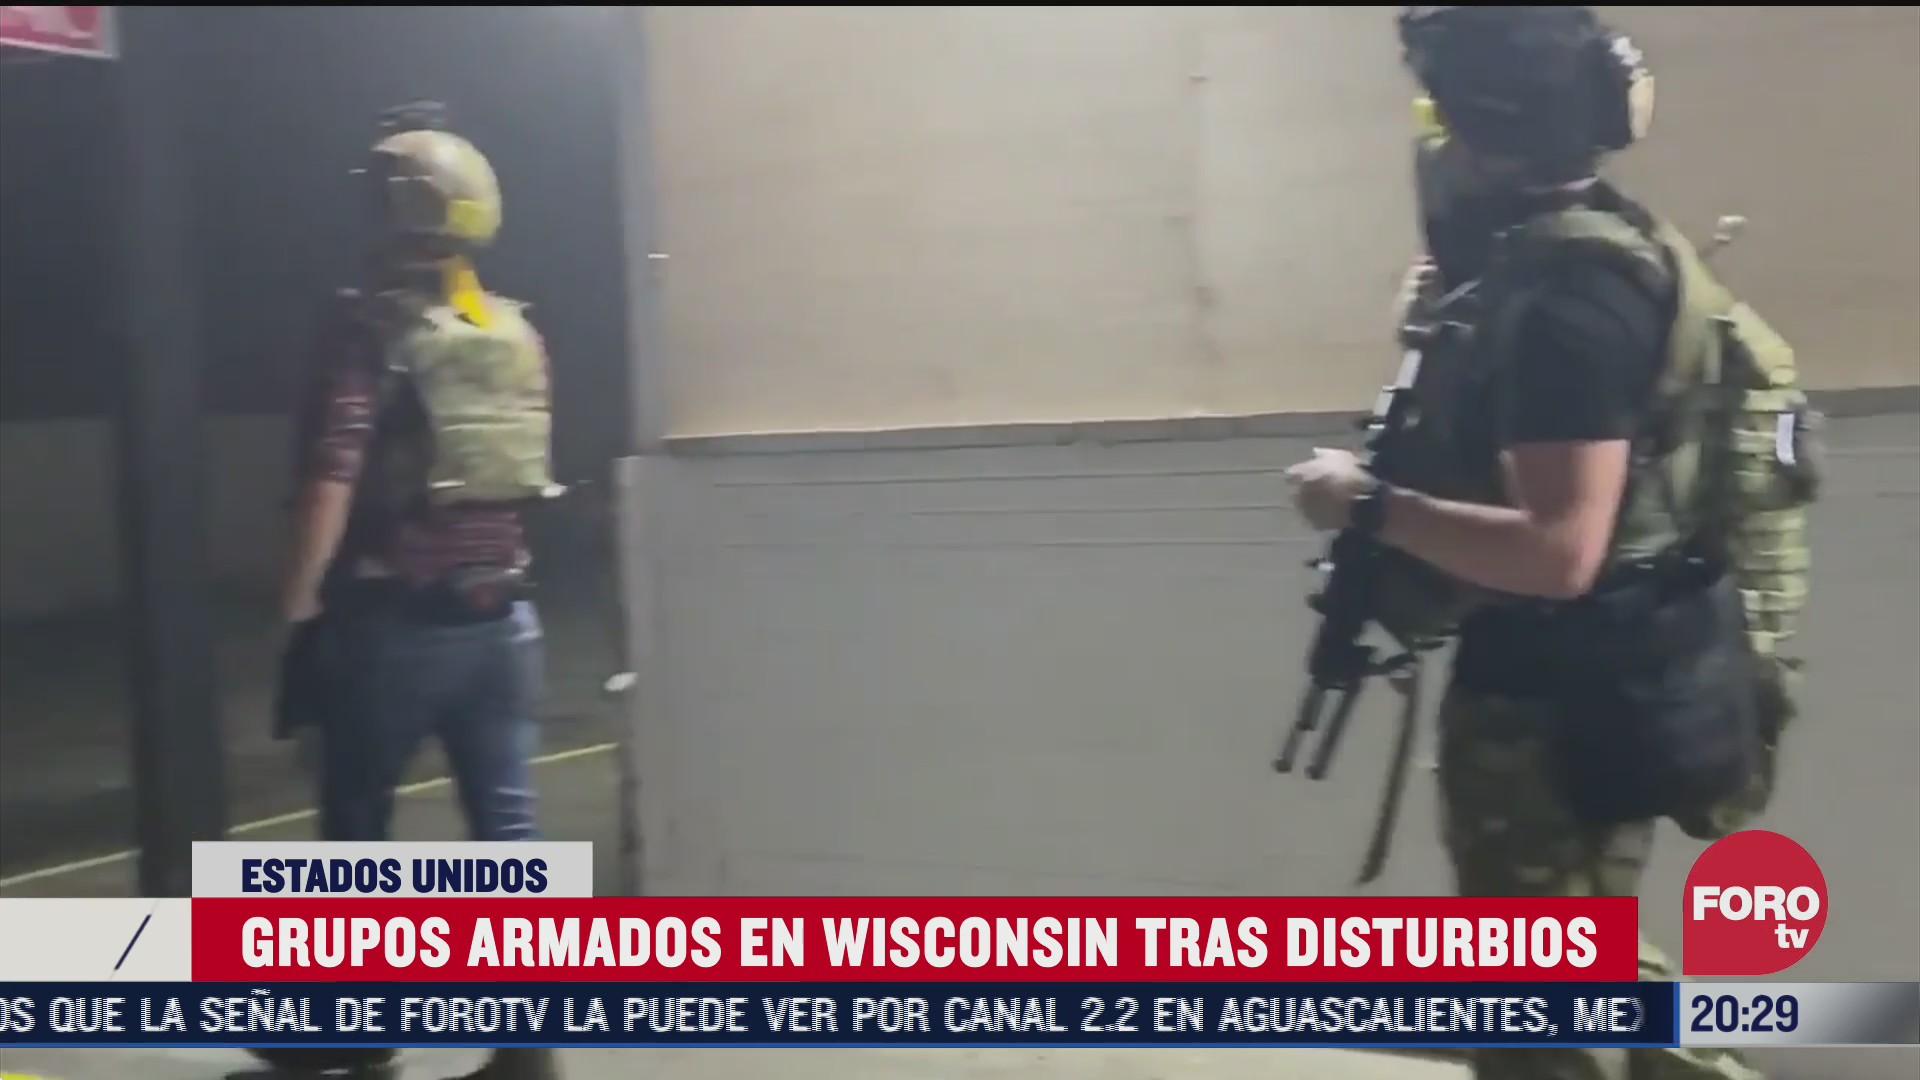 civiles fuertemente armados fueron grabados en las afueras de los negocios locales de Wisconsin Estados Unidos